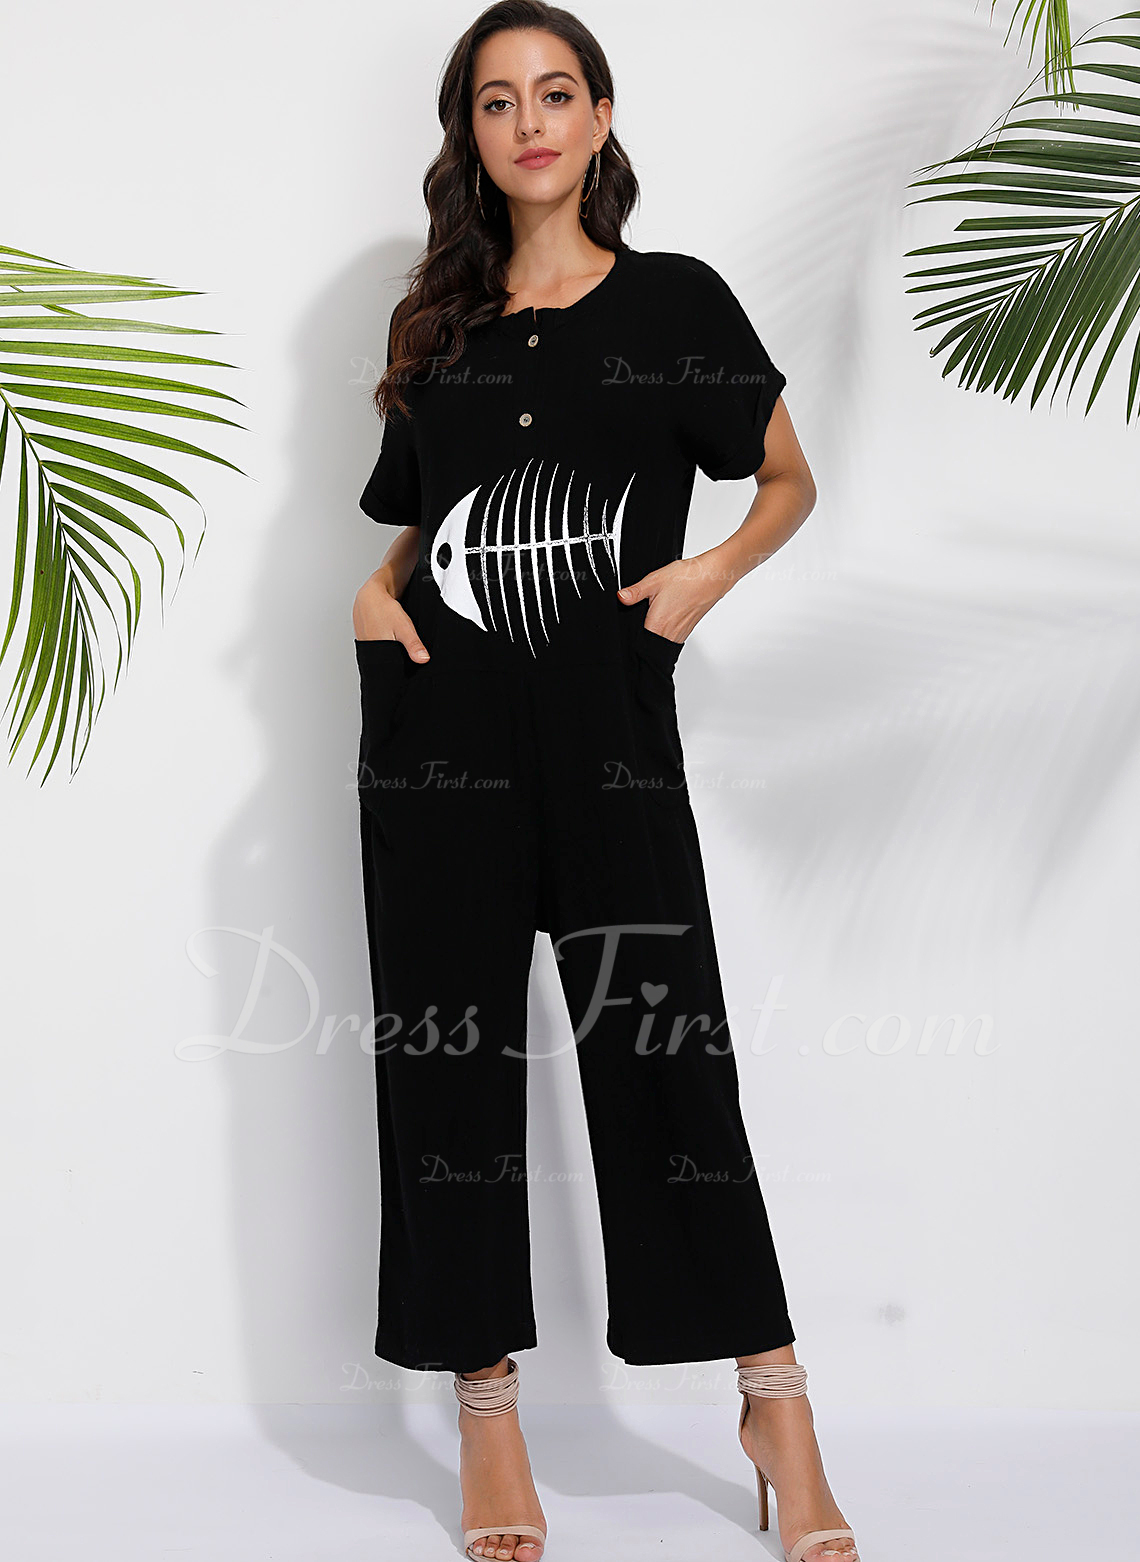 アニマル柄 半袖 カジュアル ジャンプスーツ ファッションドレス